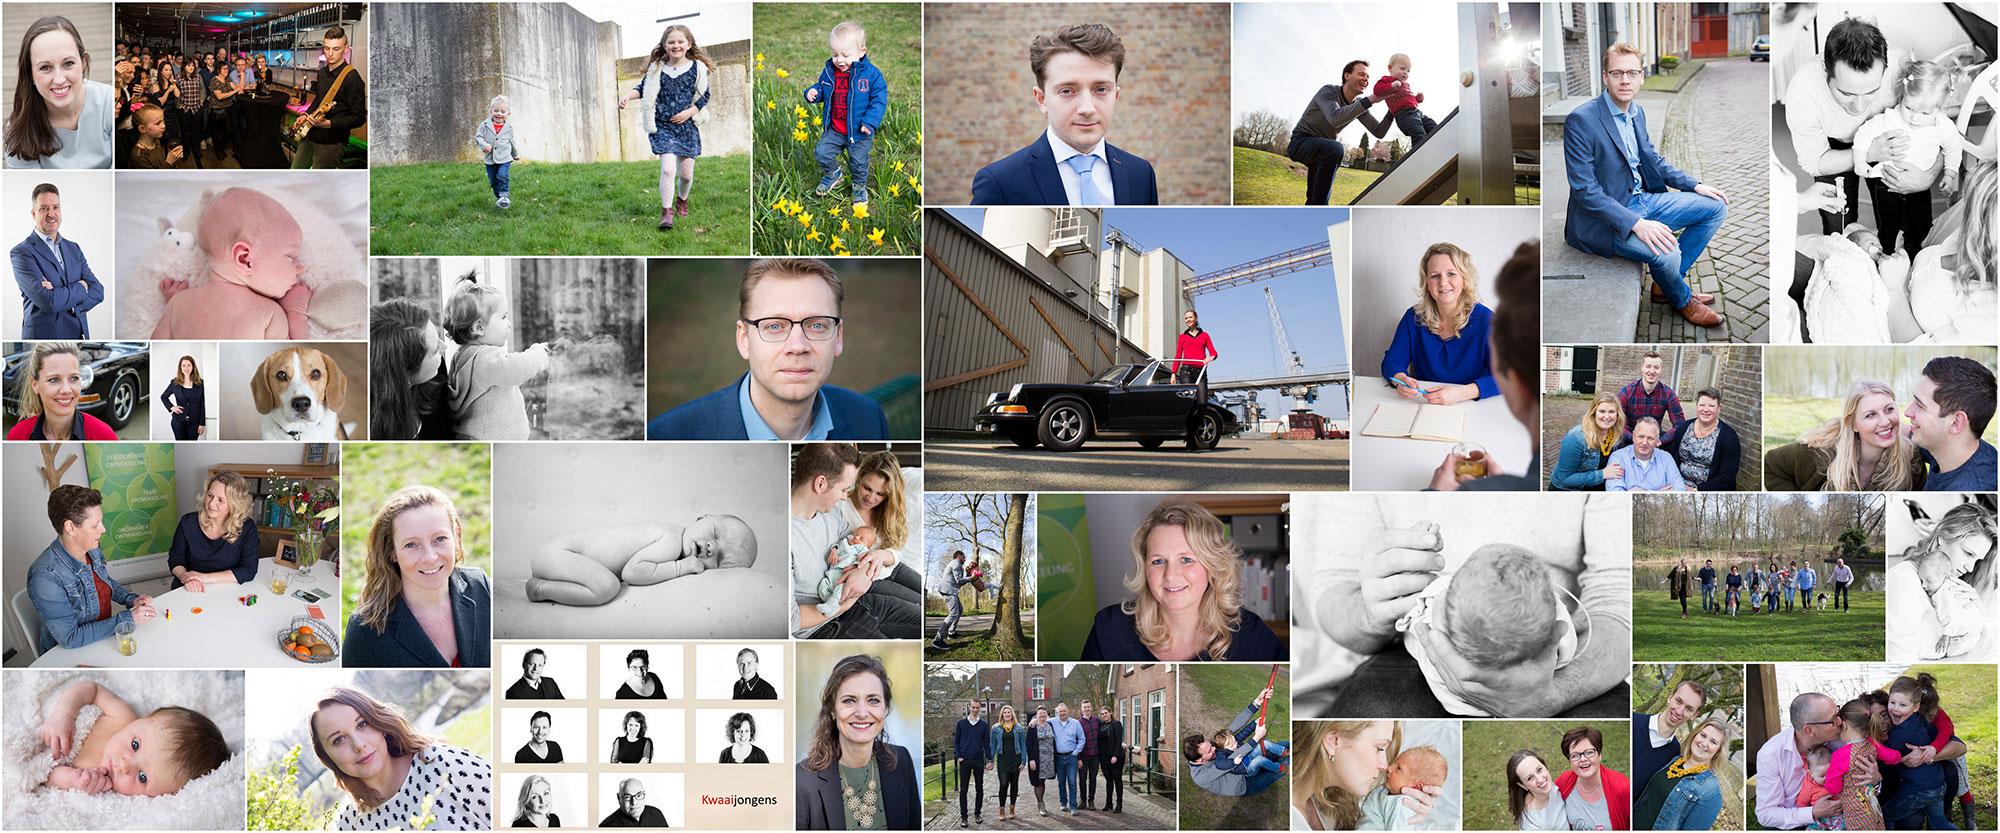 fotograaf denbosch maart